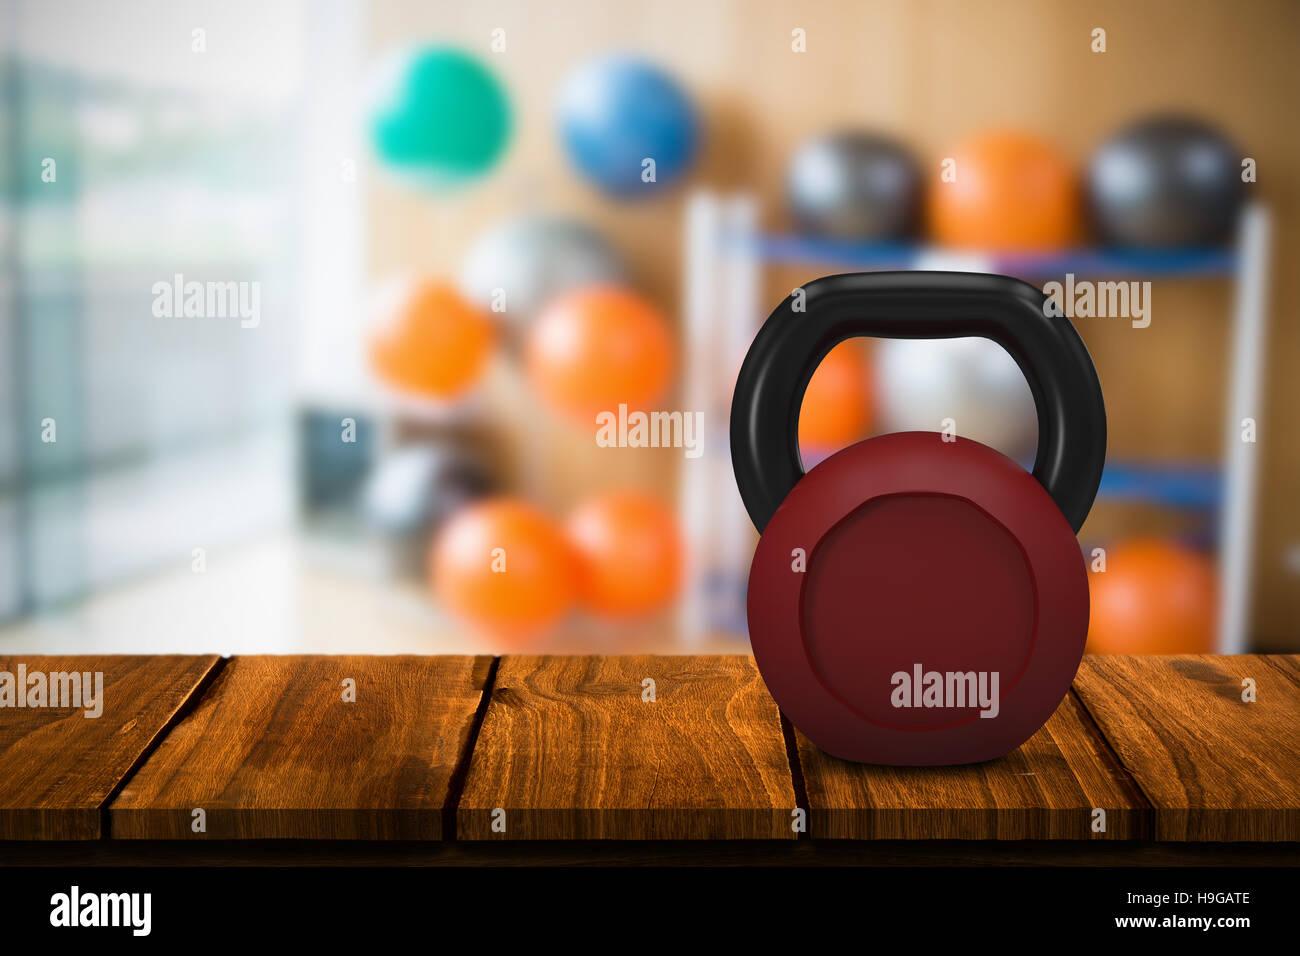 Imagen compuesta de rojo metálico kettlebell Imagen De Stock